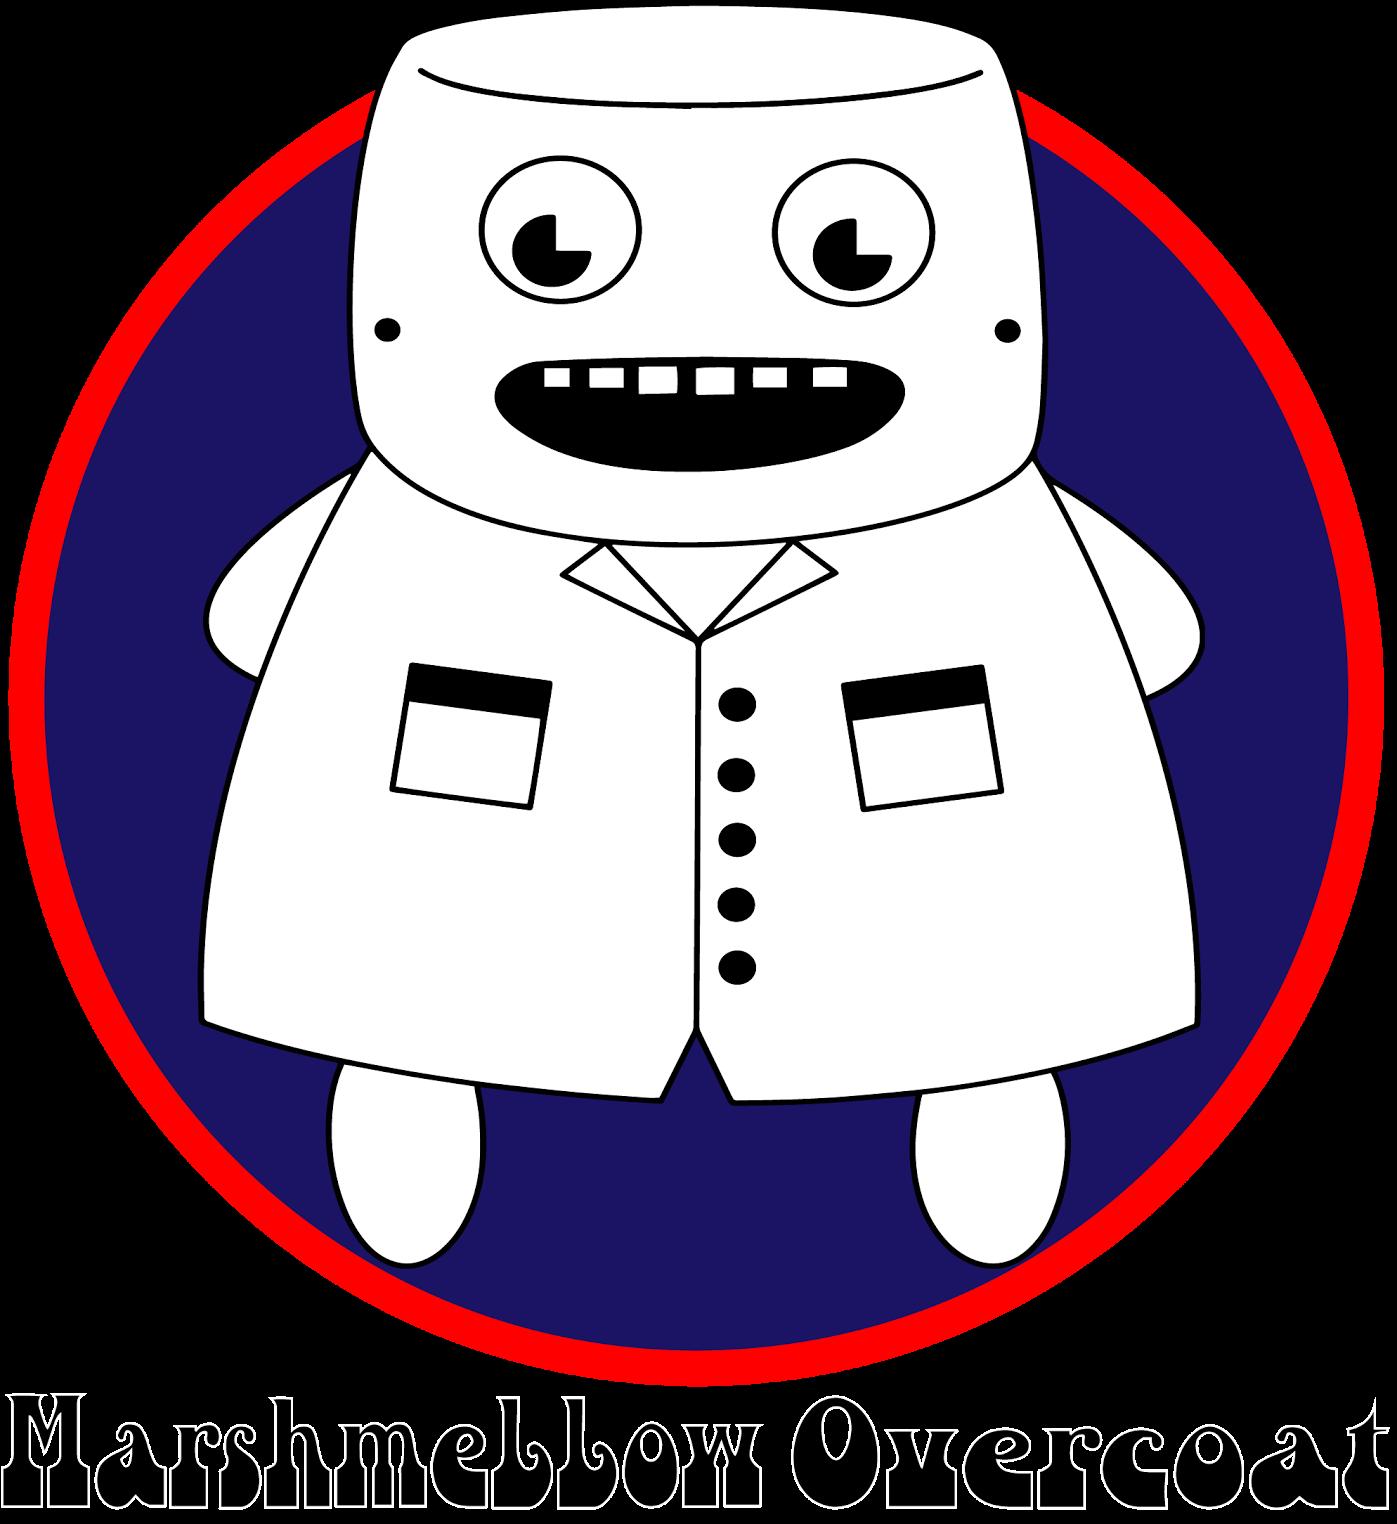 marshmellowovercoat.com Logo